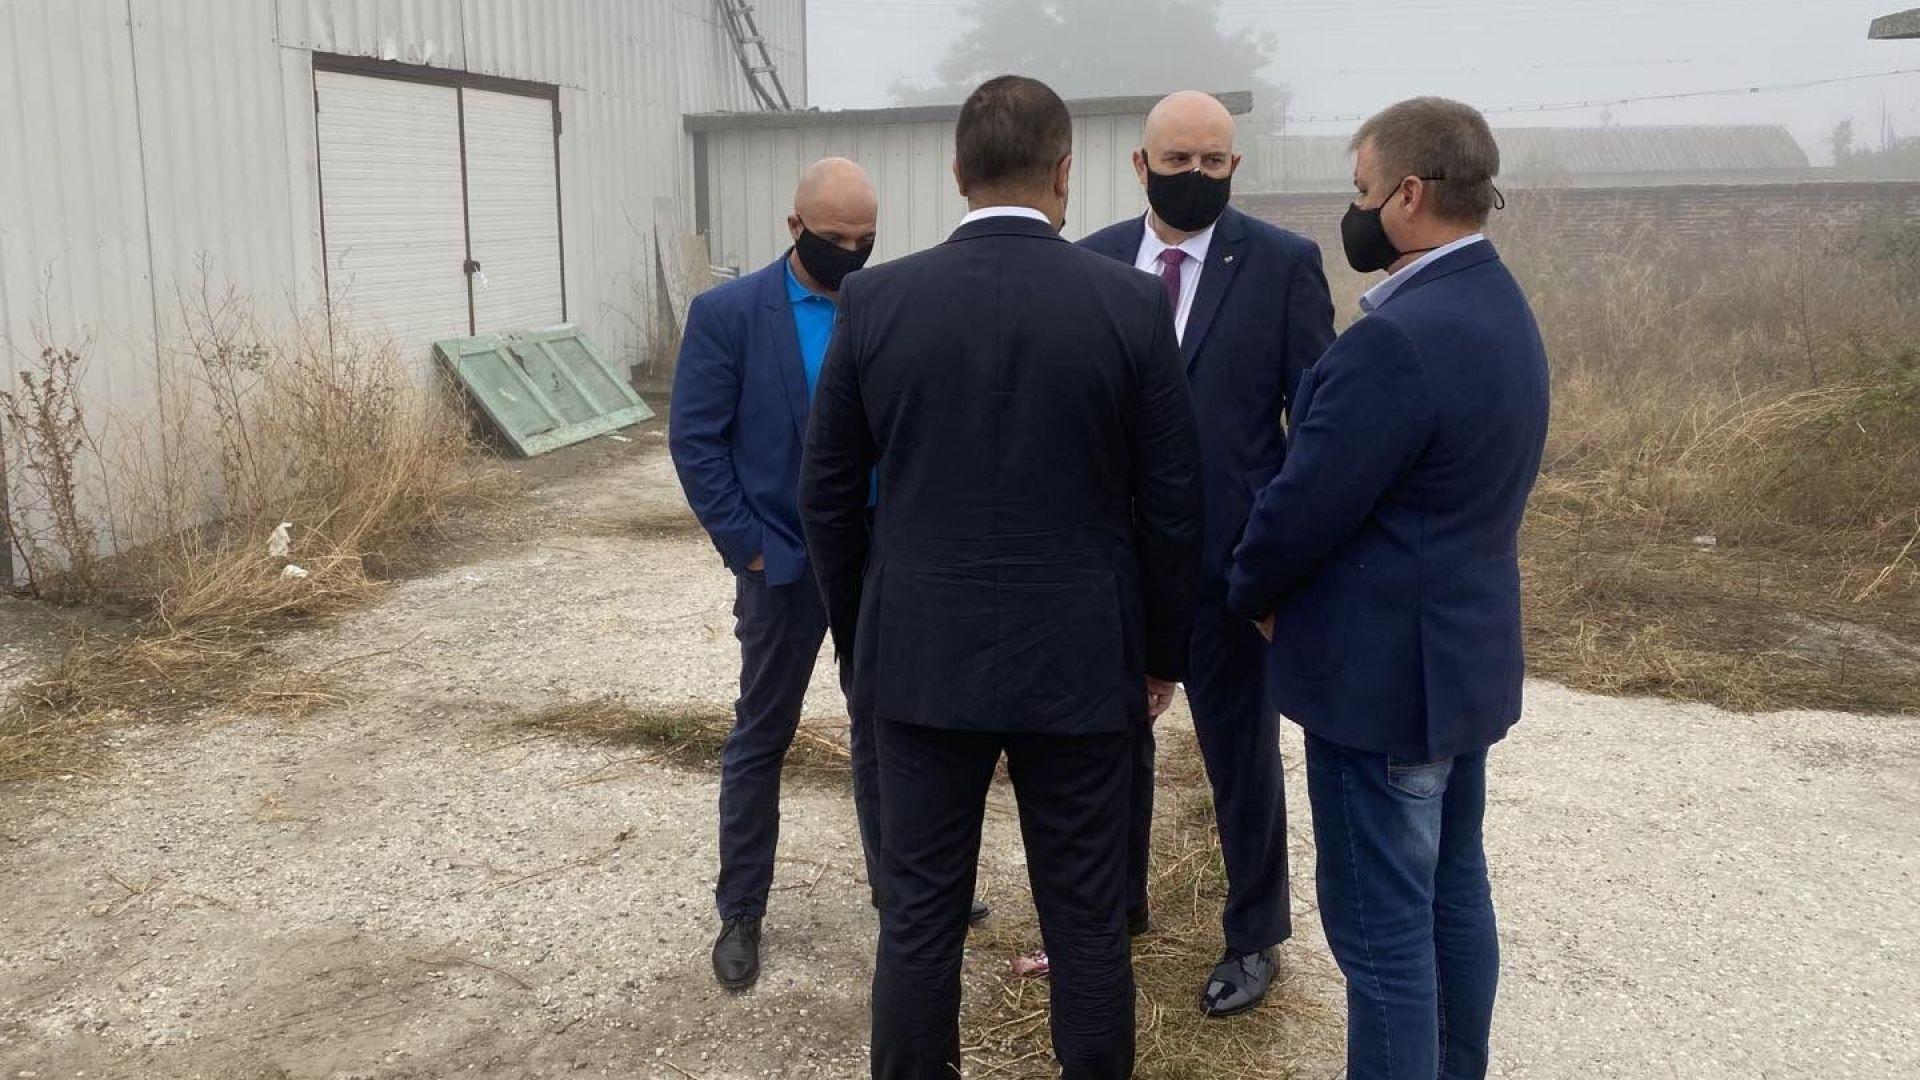 Разкриха нова фабрика за незаконно производство на цигари (снимки)